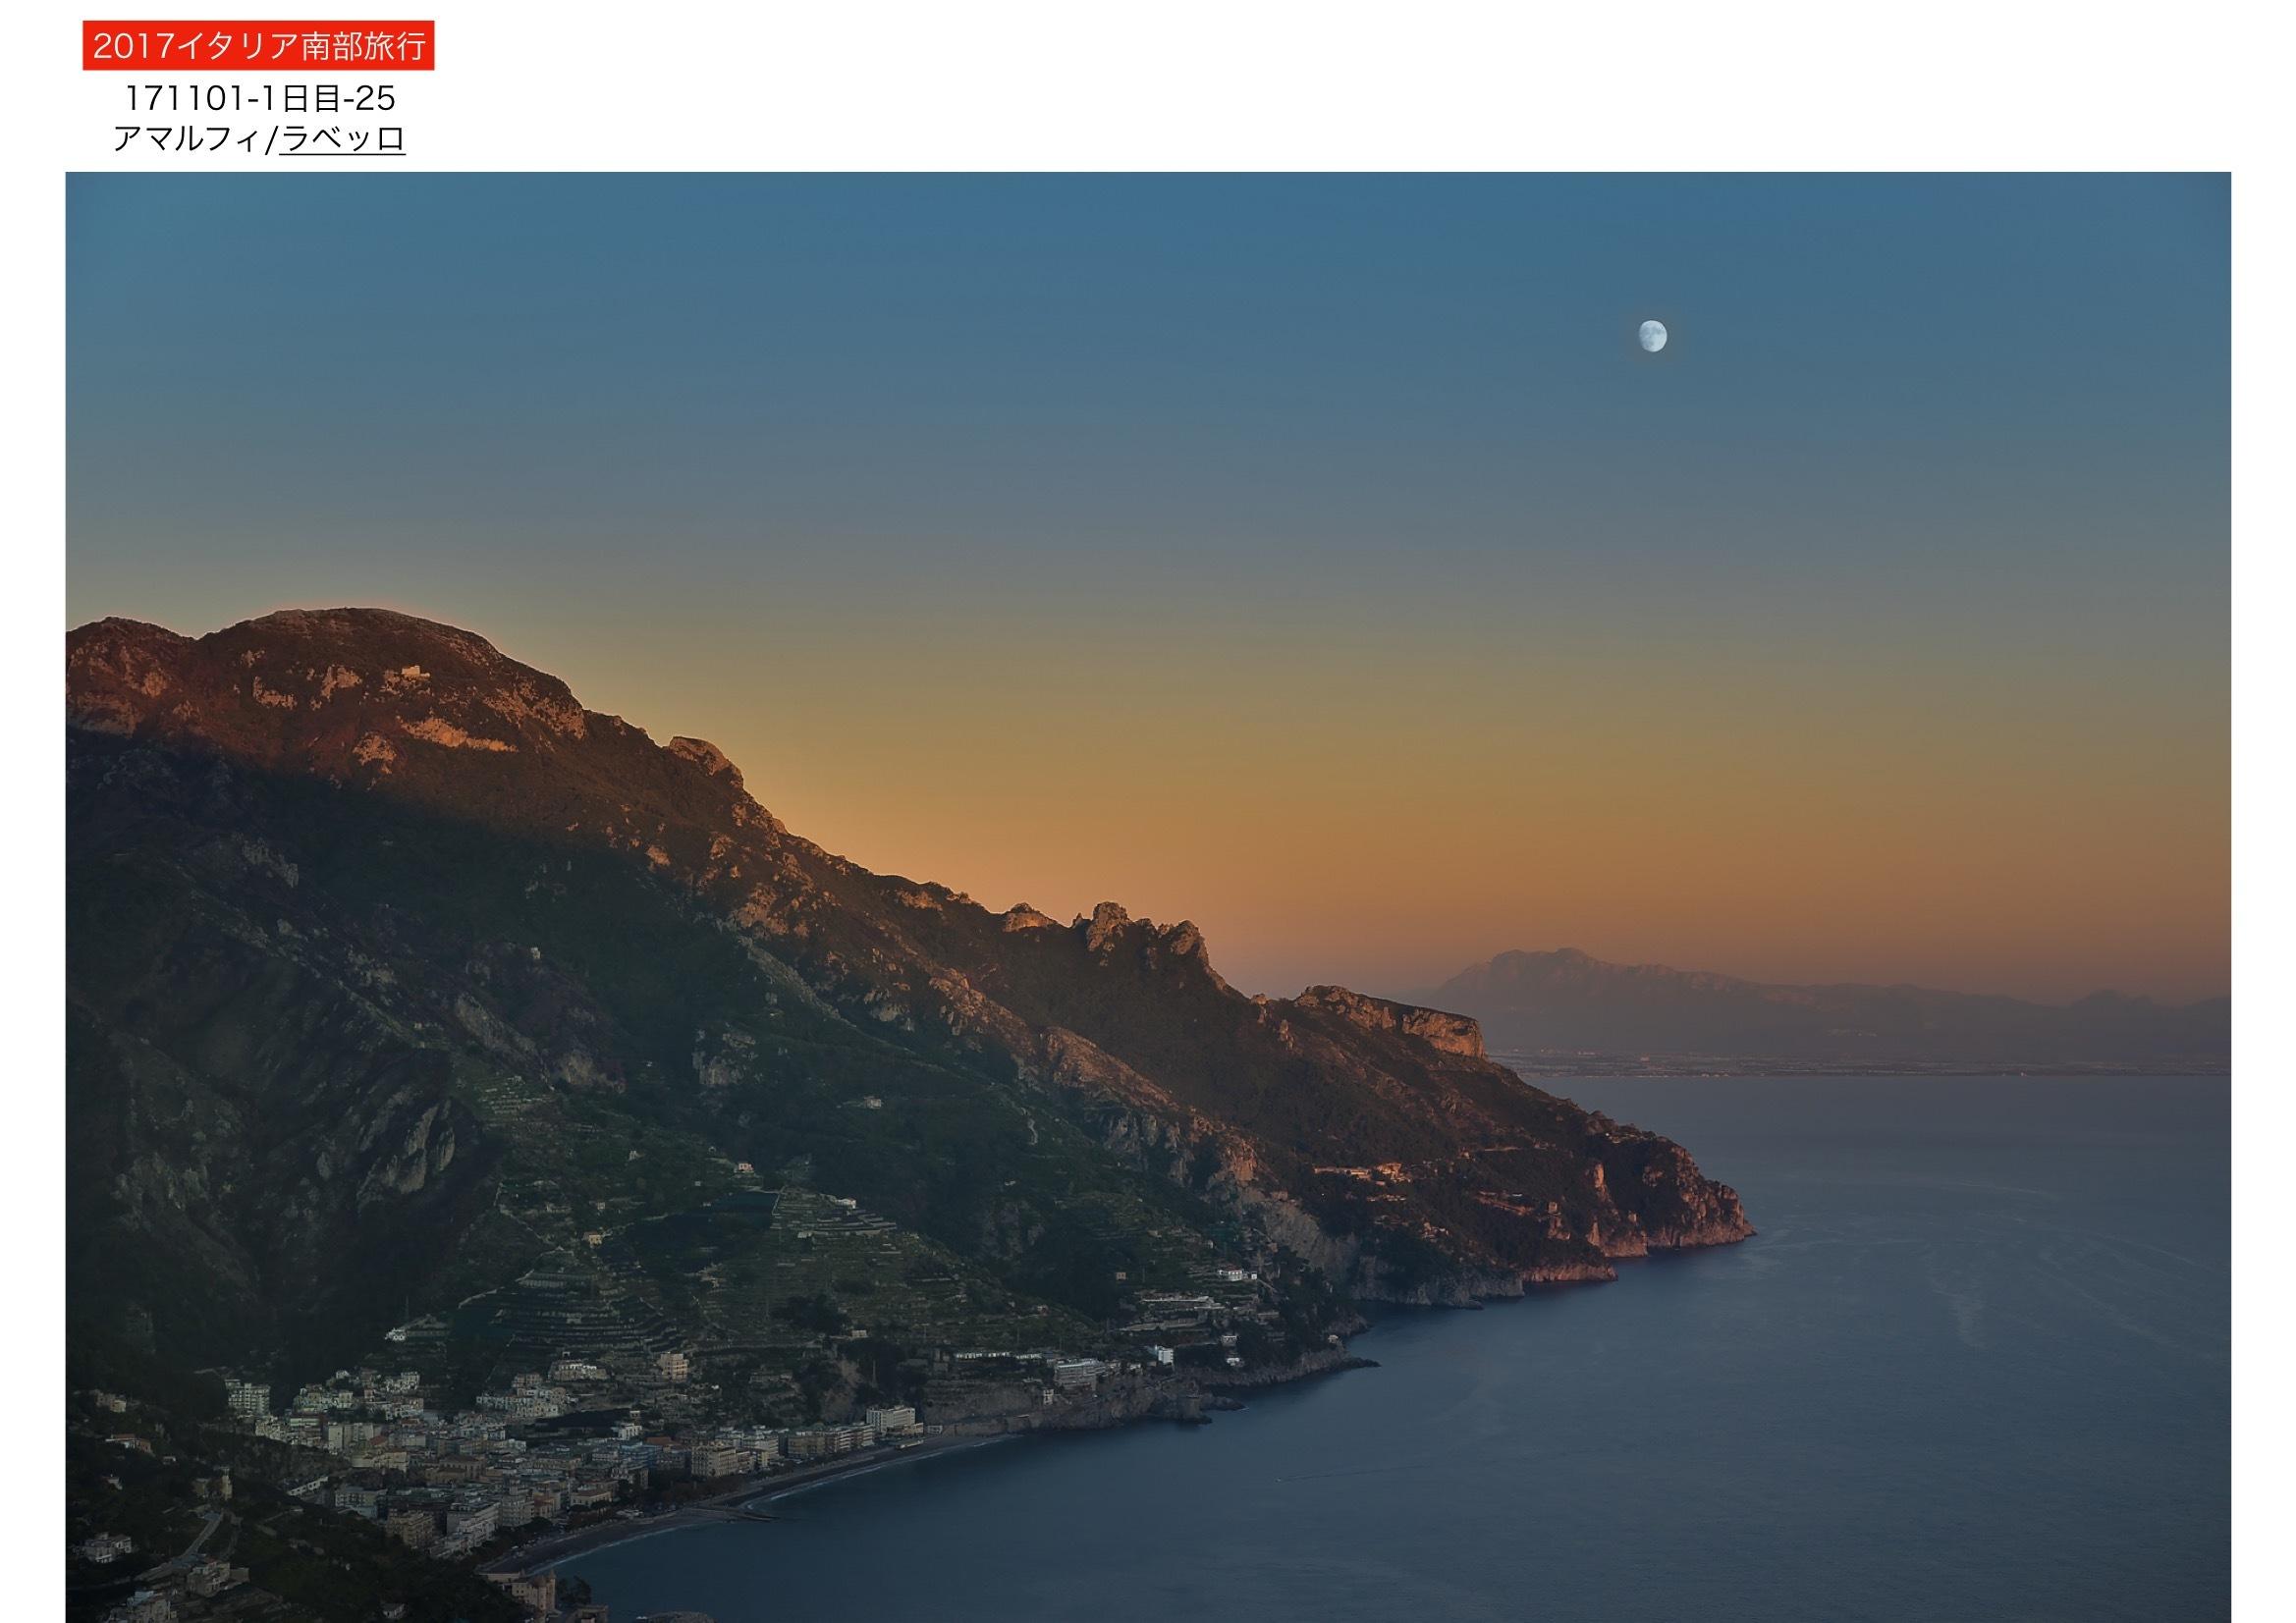 イタリア南部3000年の歴史遺構を訪ねて...1日目_f0099102_13552885.jpeg